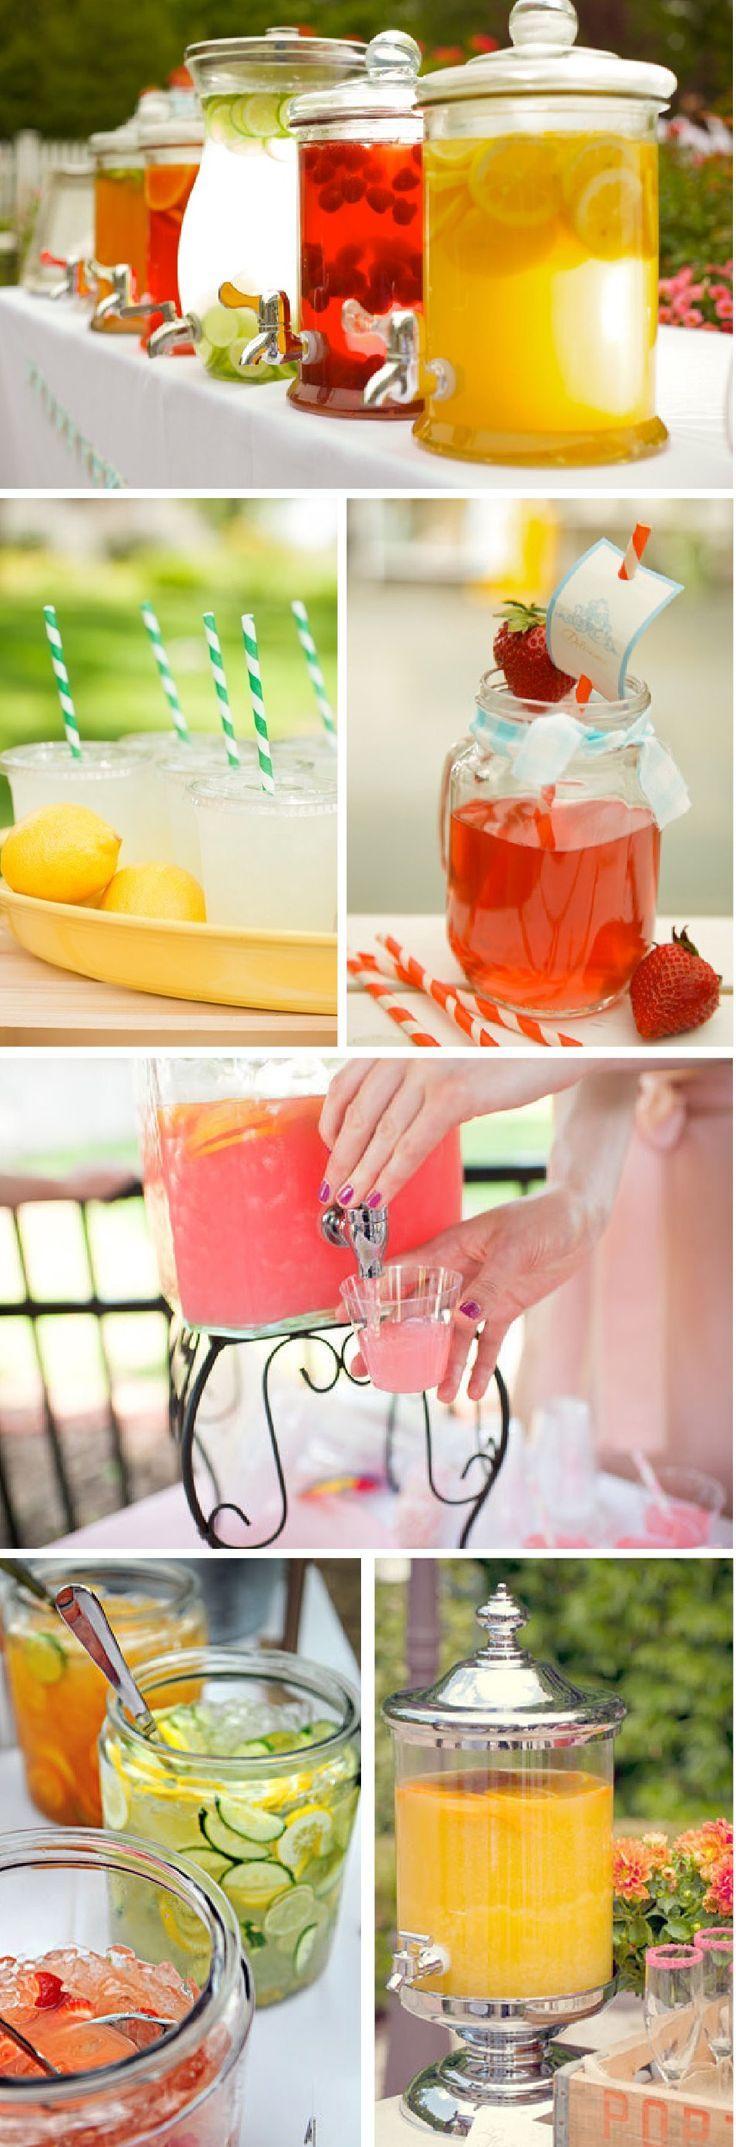 Los zumos de sabores siempre serán perfectos para degustar en una boda